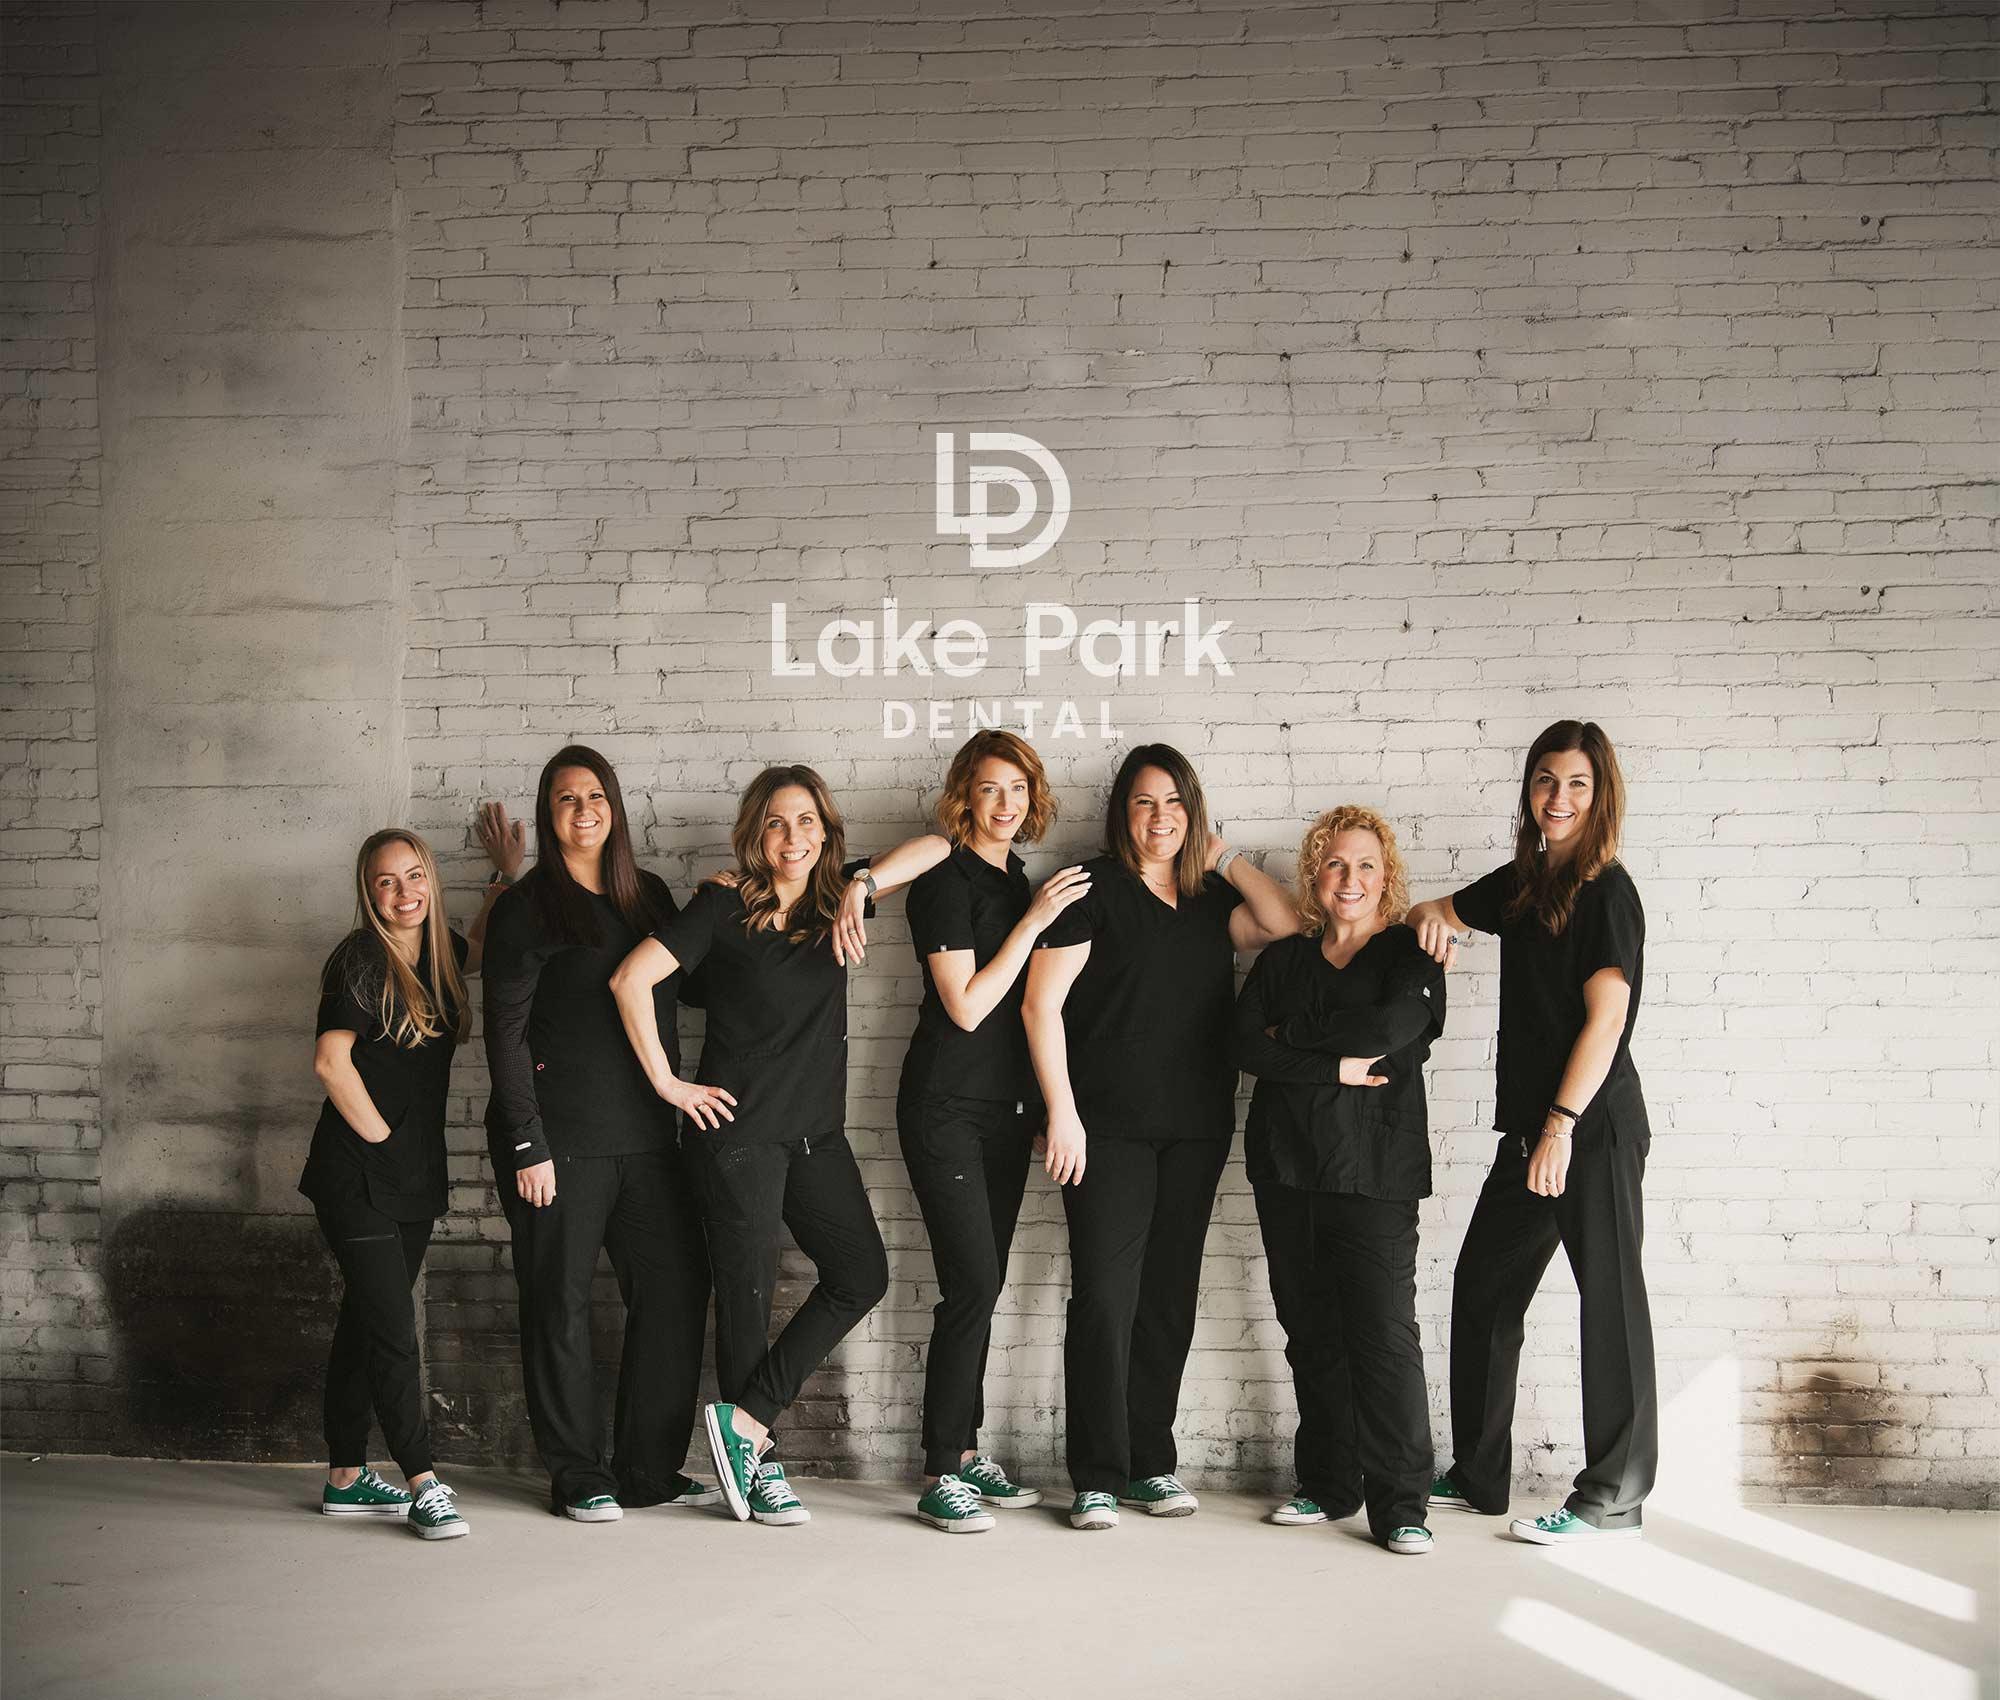 Lake Park Dental team photo